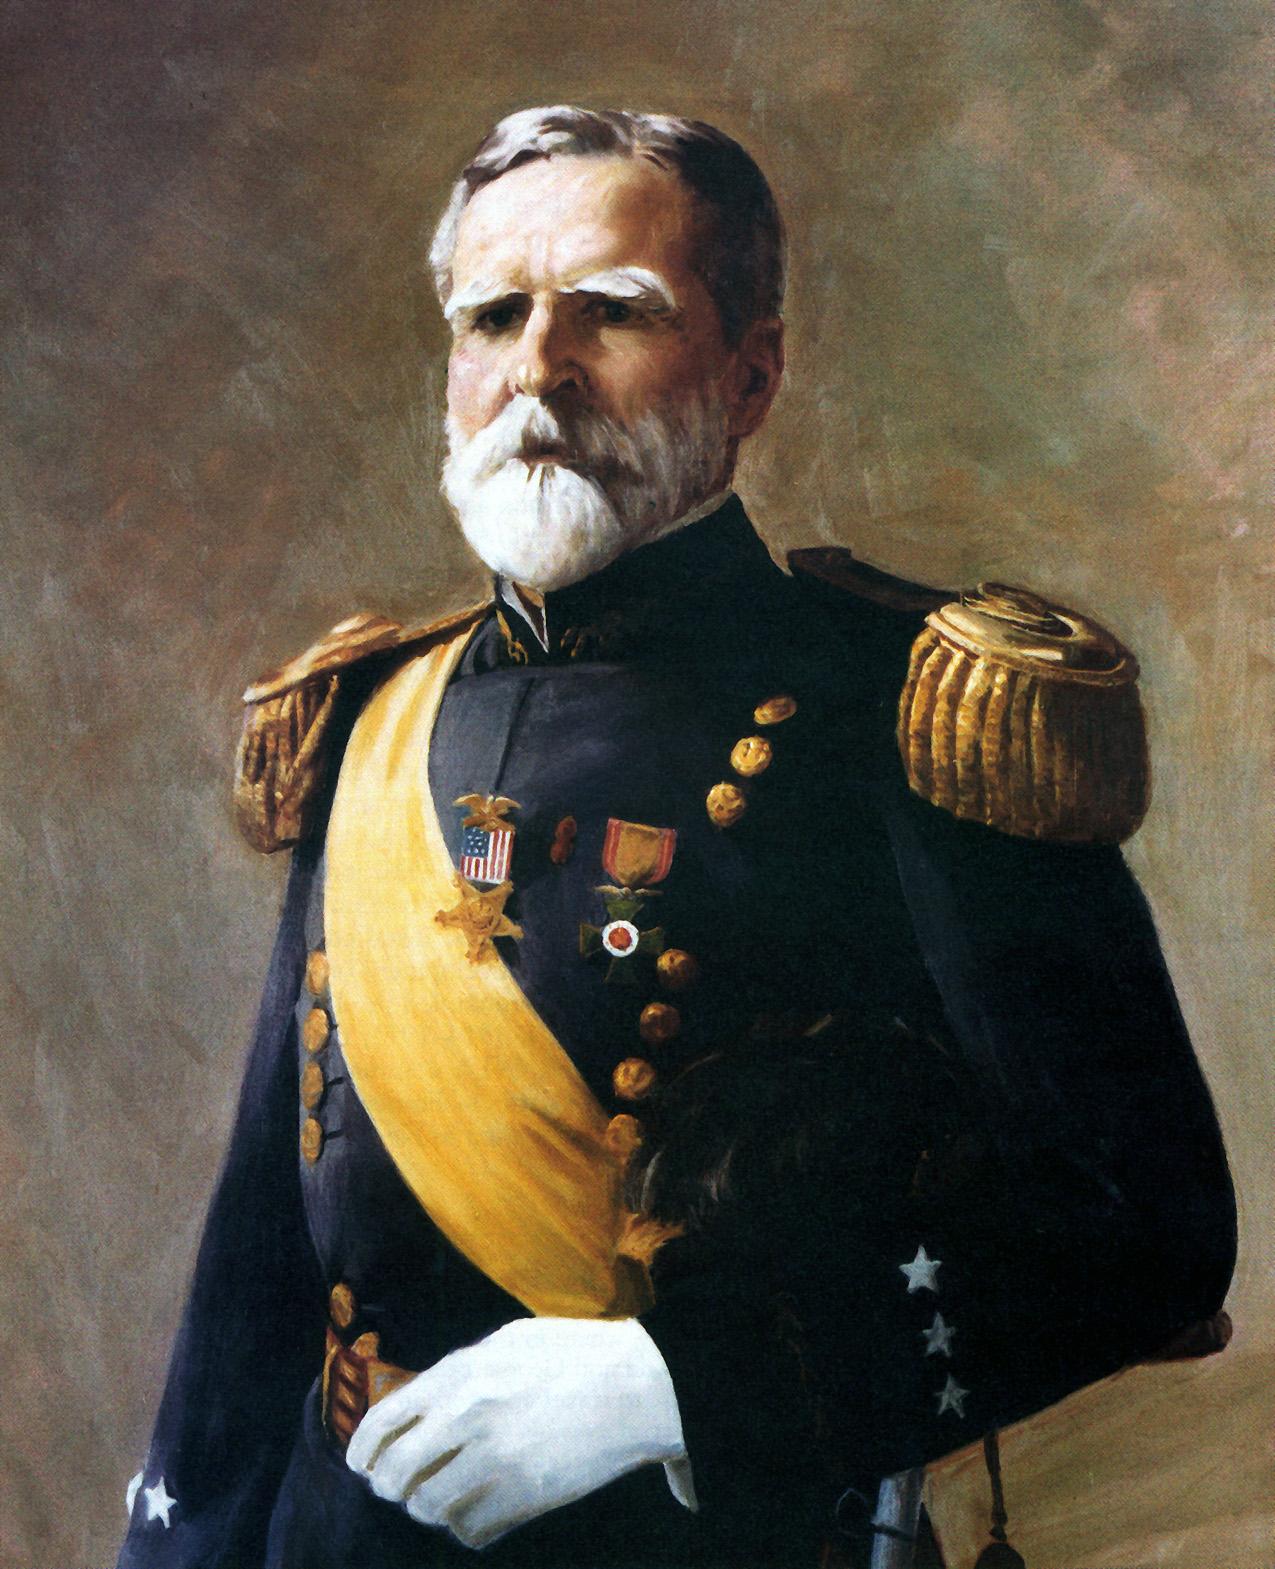 John C . Bates